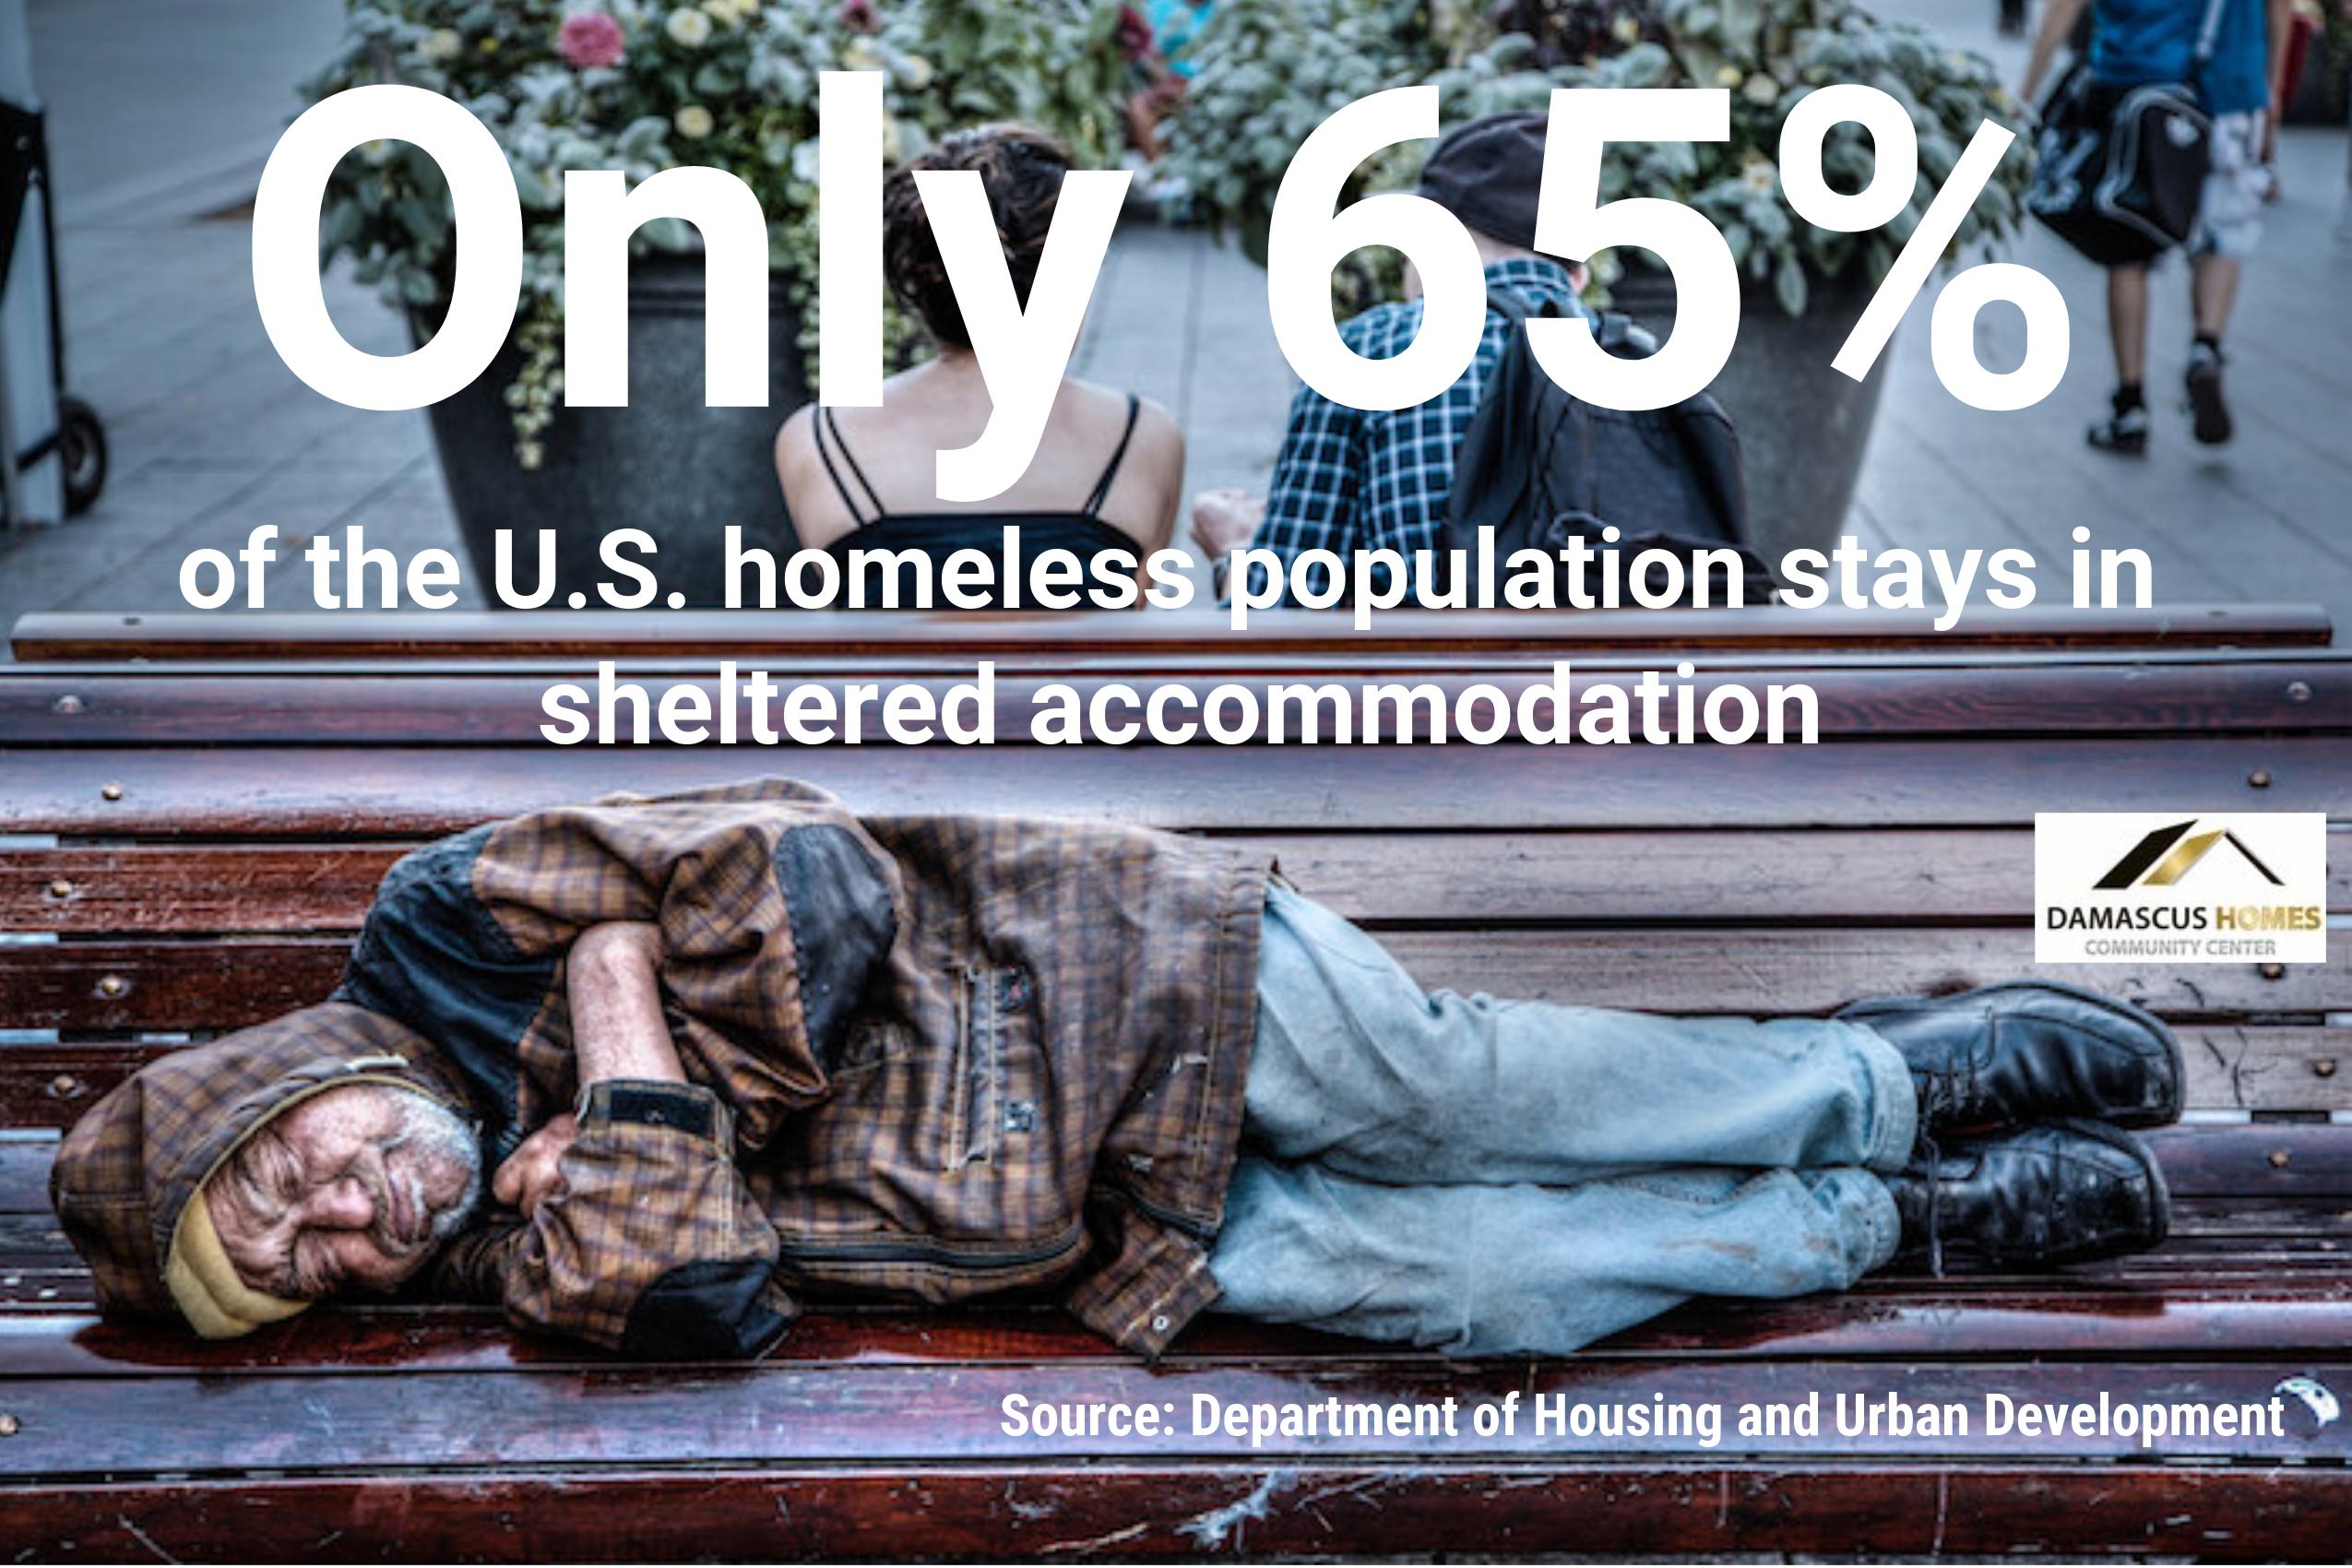 Build More Housing For The Homeless Development Urban Homeless